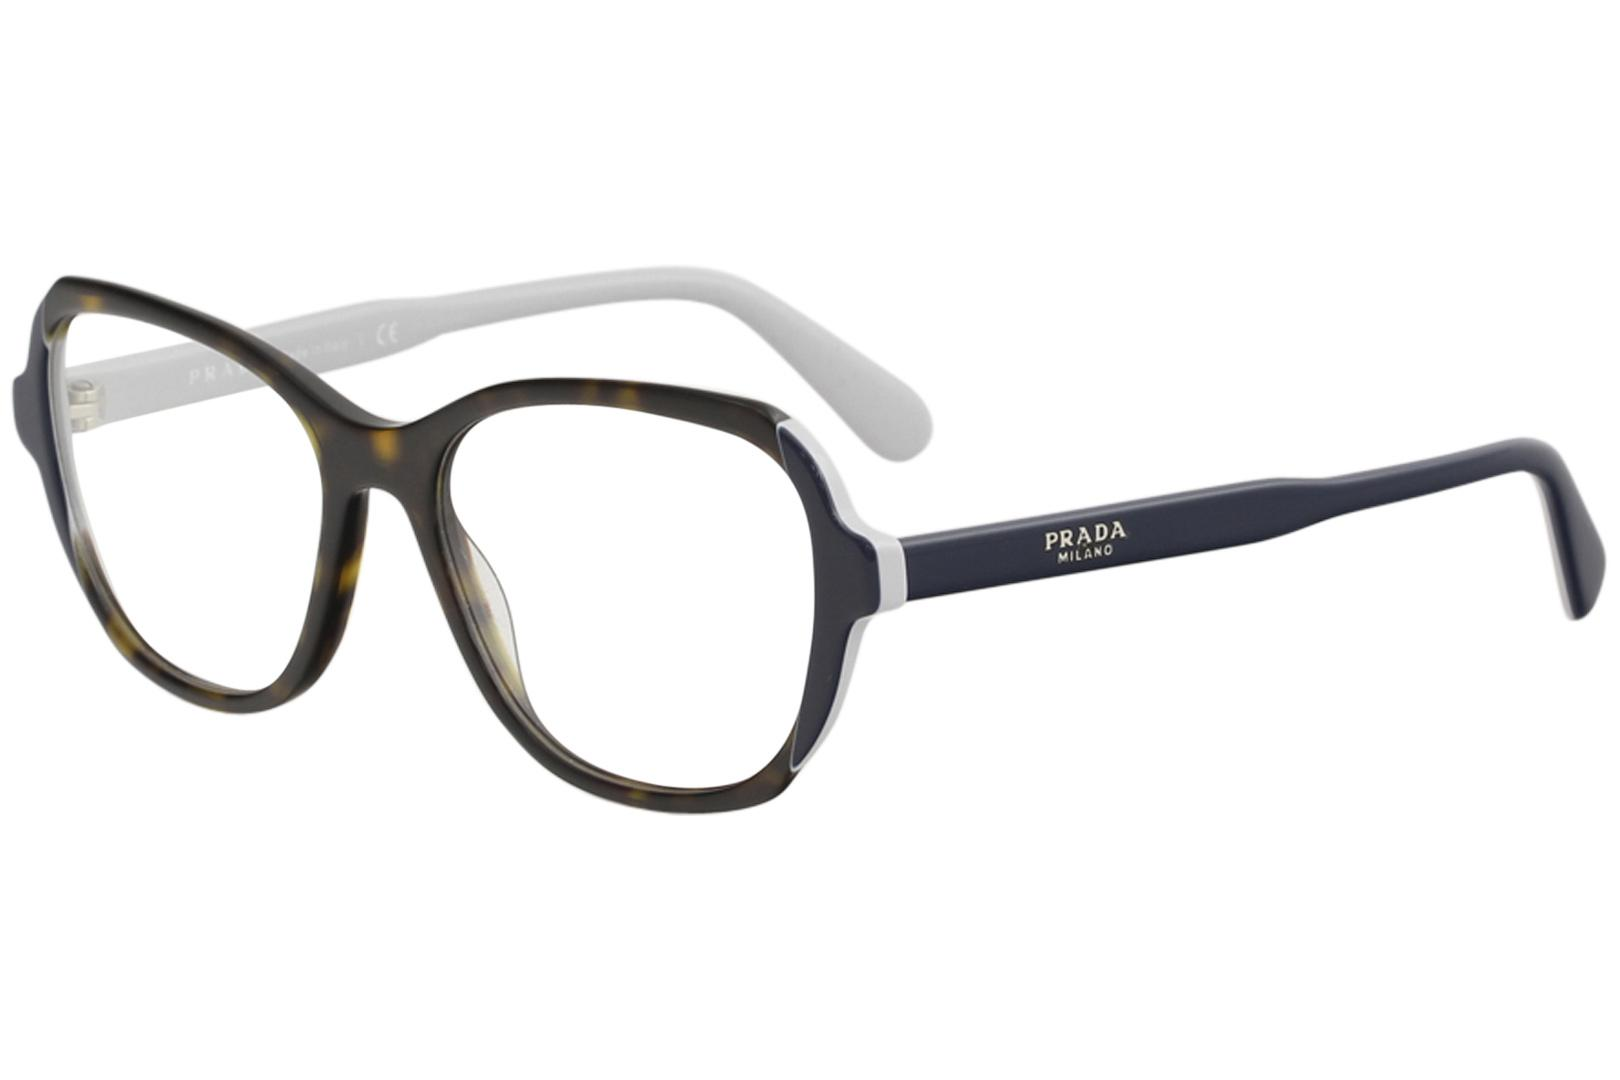 Prada Women\'s Eyeglasses VPR03V VPR/03/V Full Rim Optical Frame